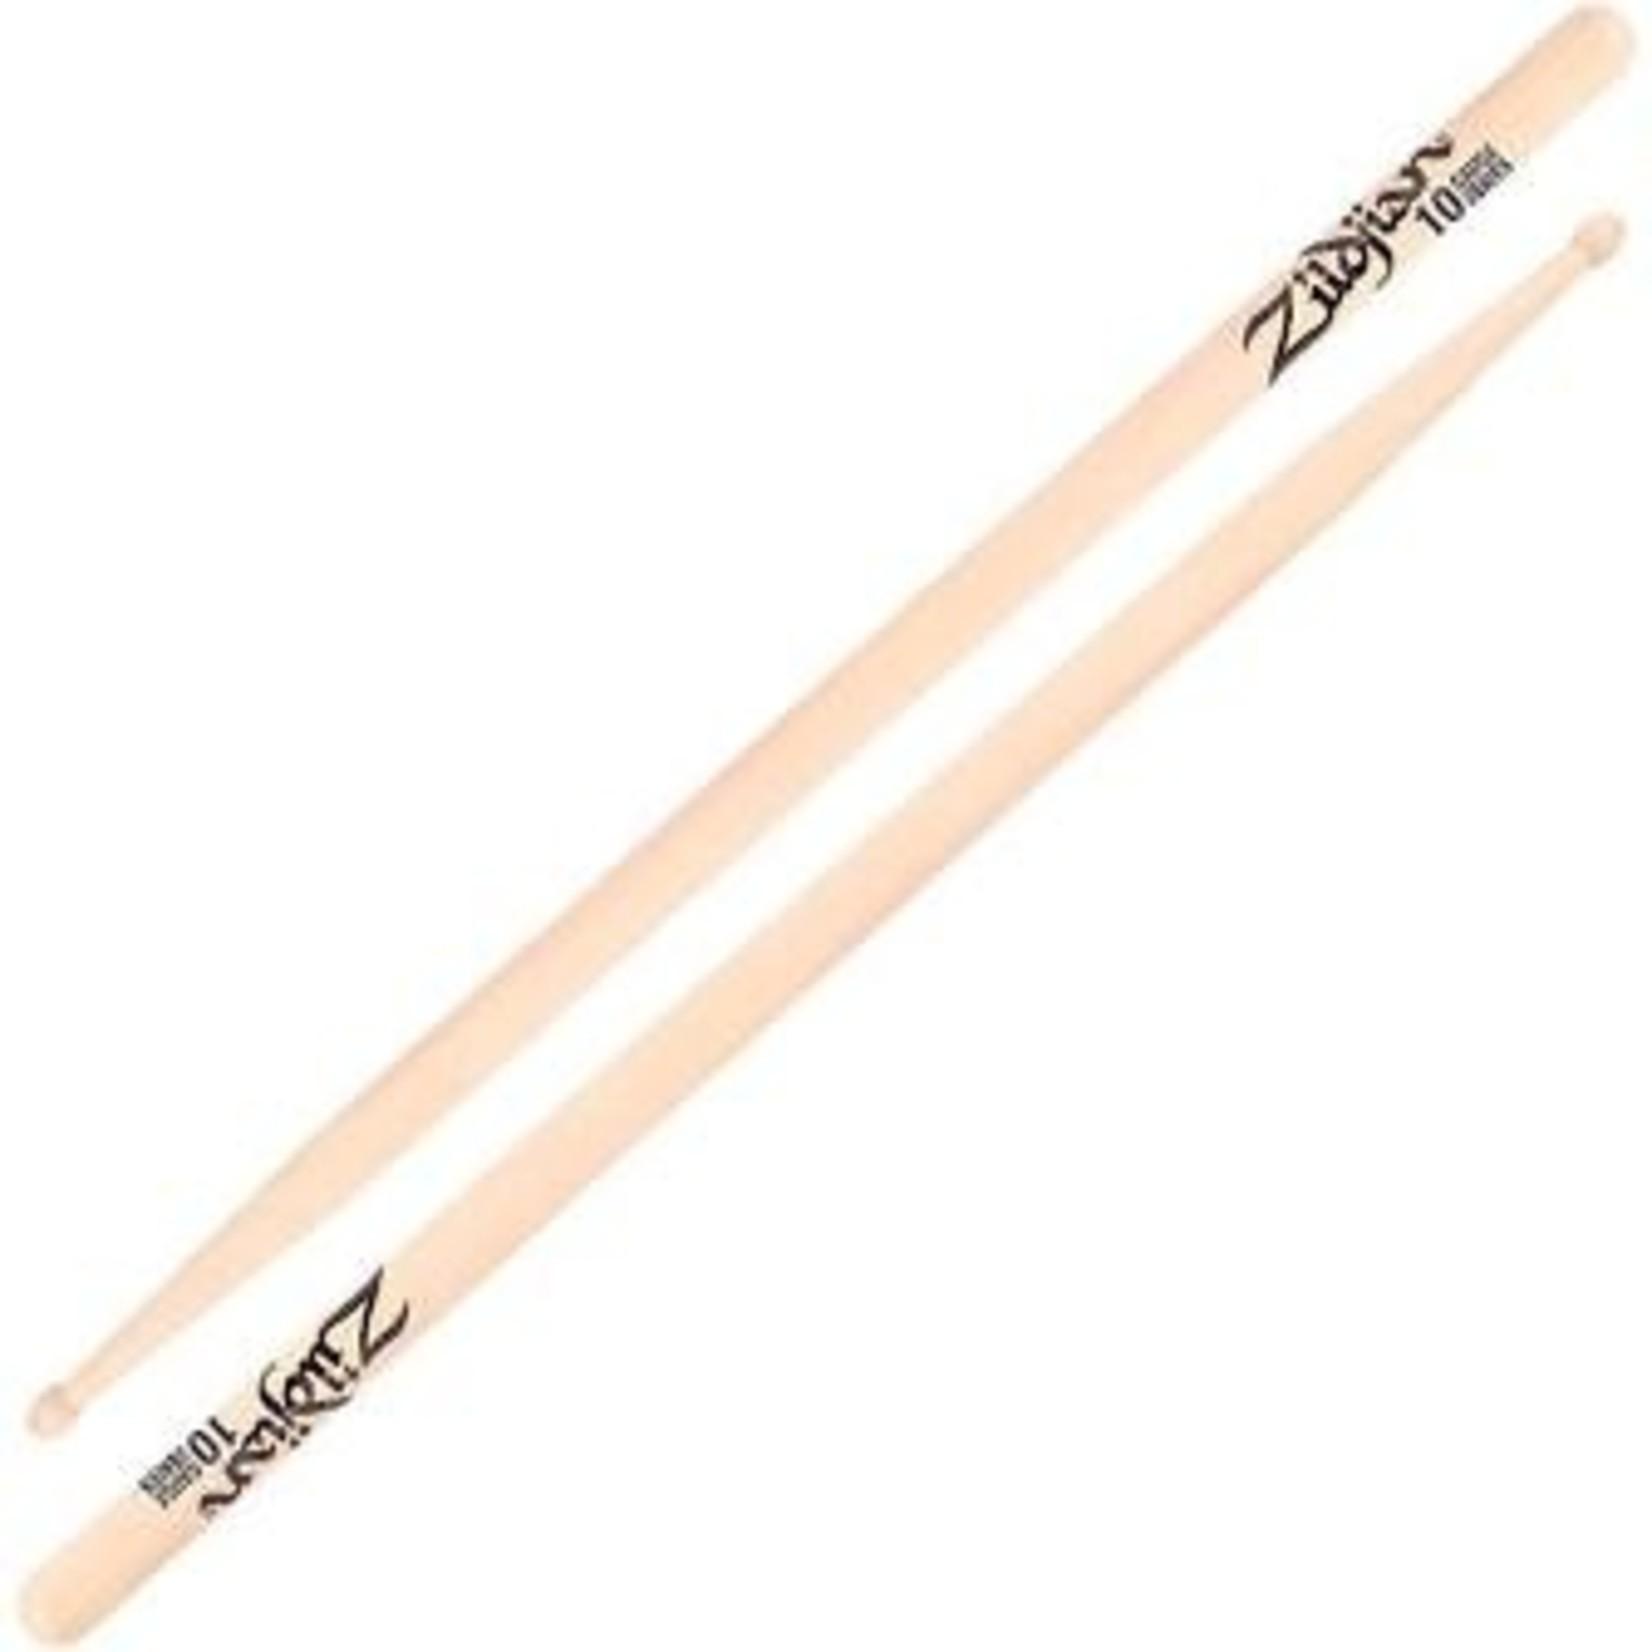 Zildjian Zildjian 9 Gauge Series Drumsticks